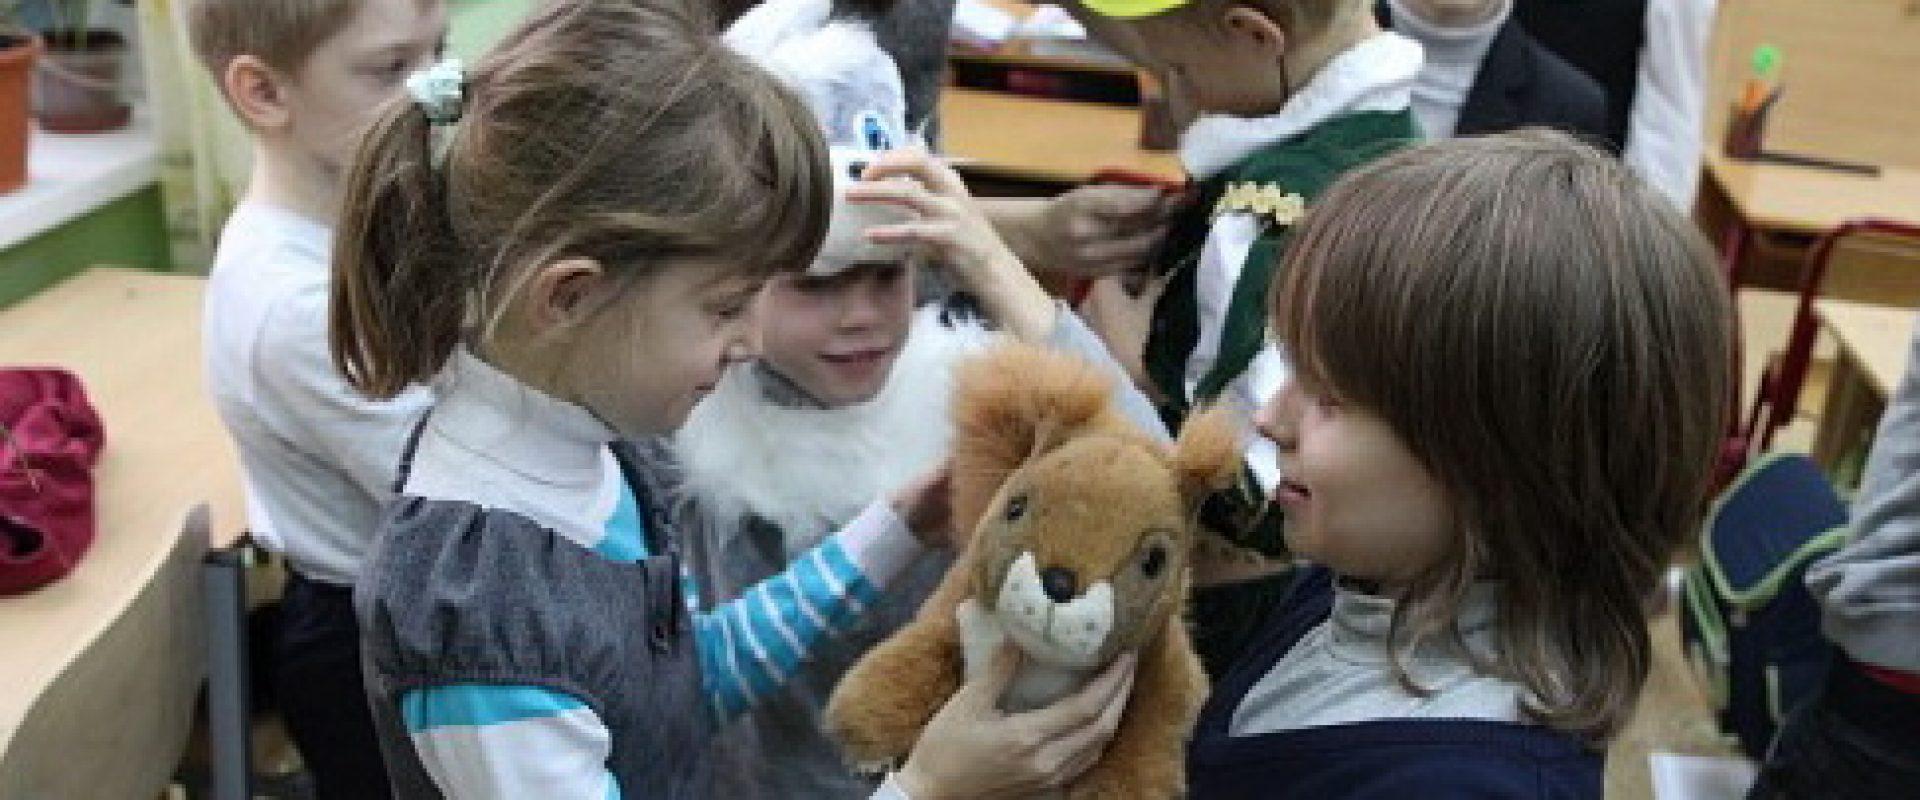 Волонтеры помогают детям-сиротам